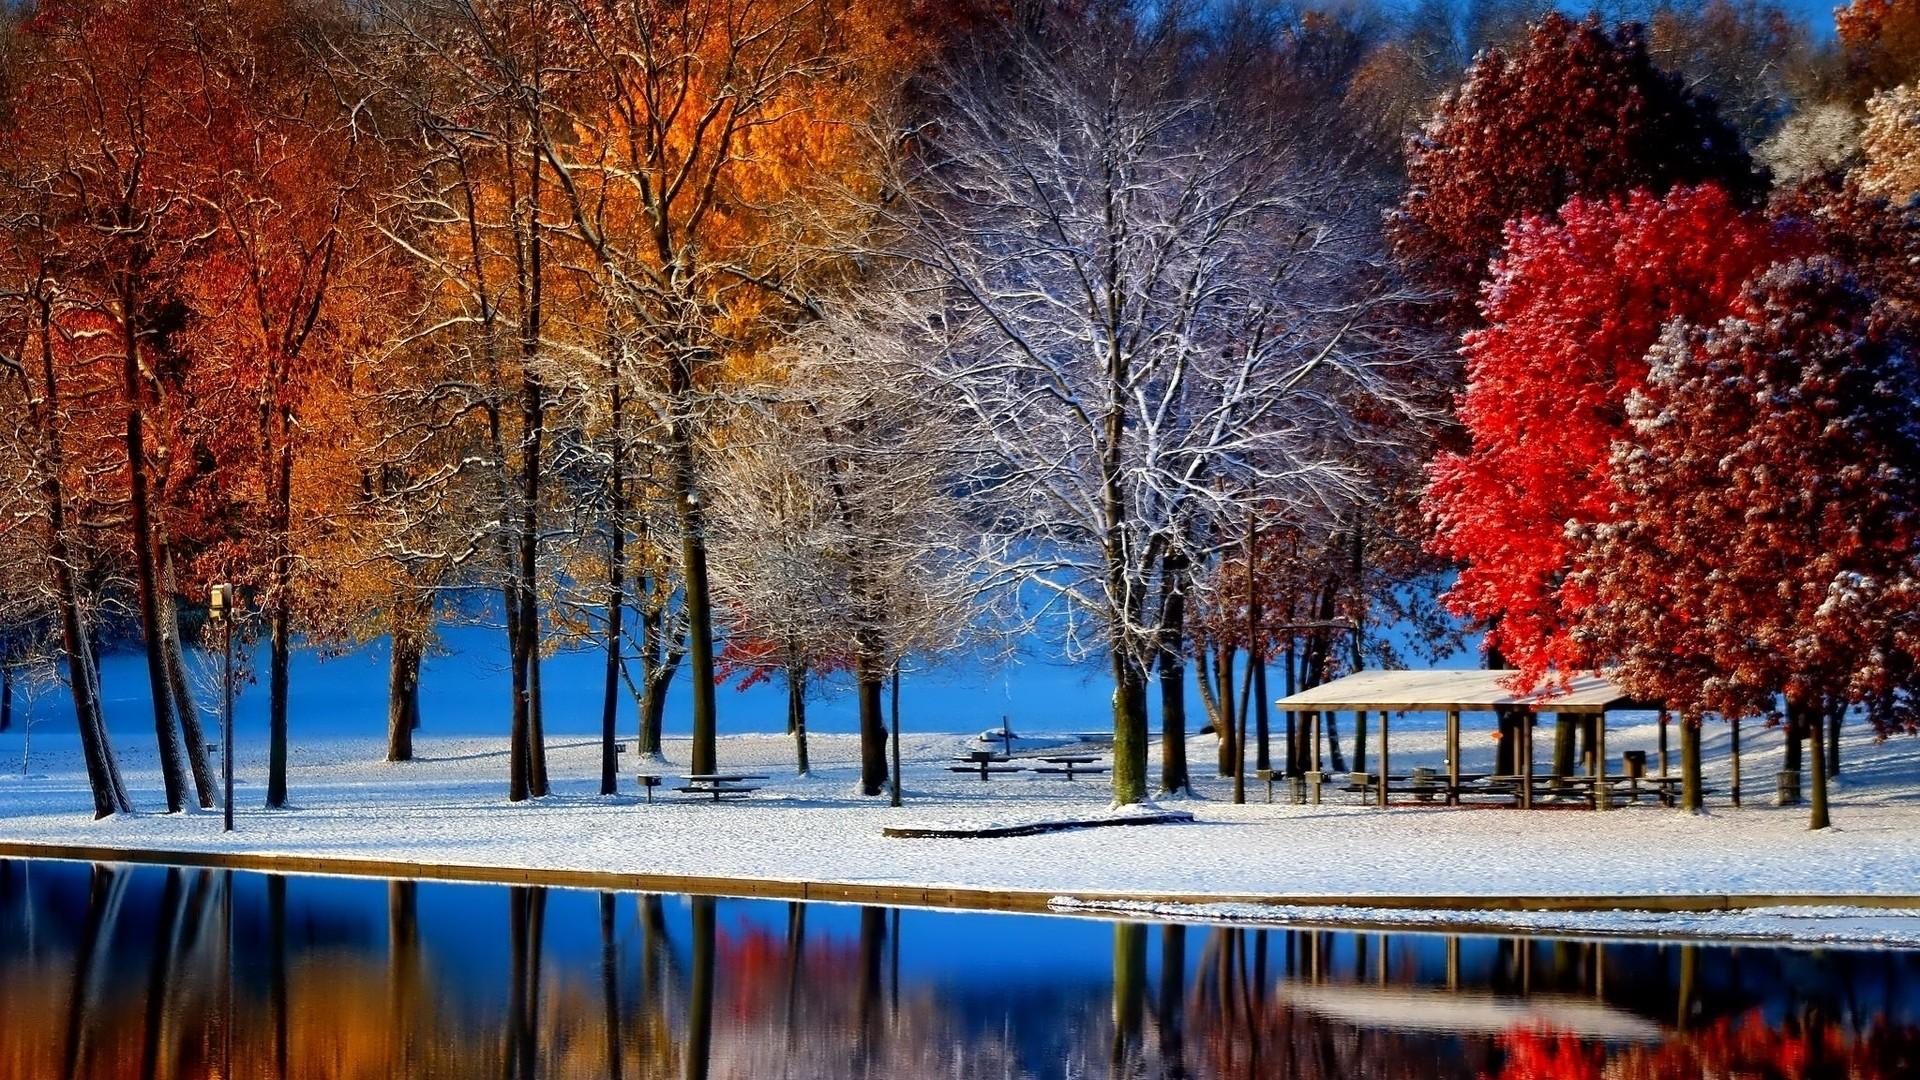 пейзаж осень в снегу магазинов России других